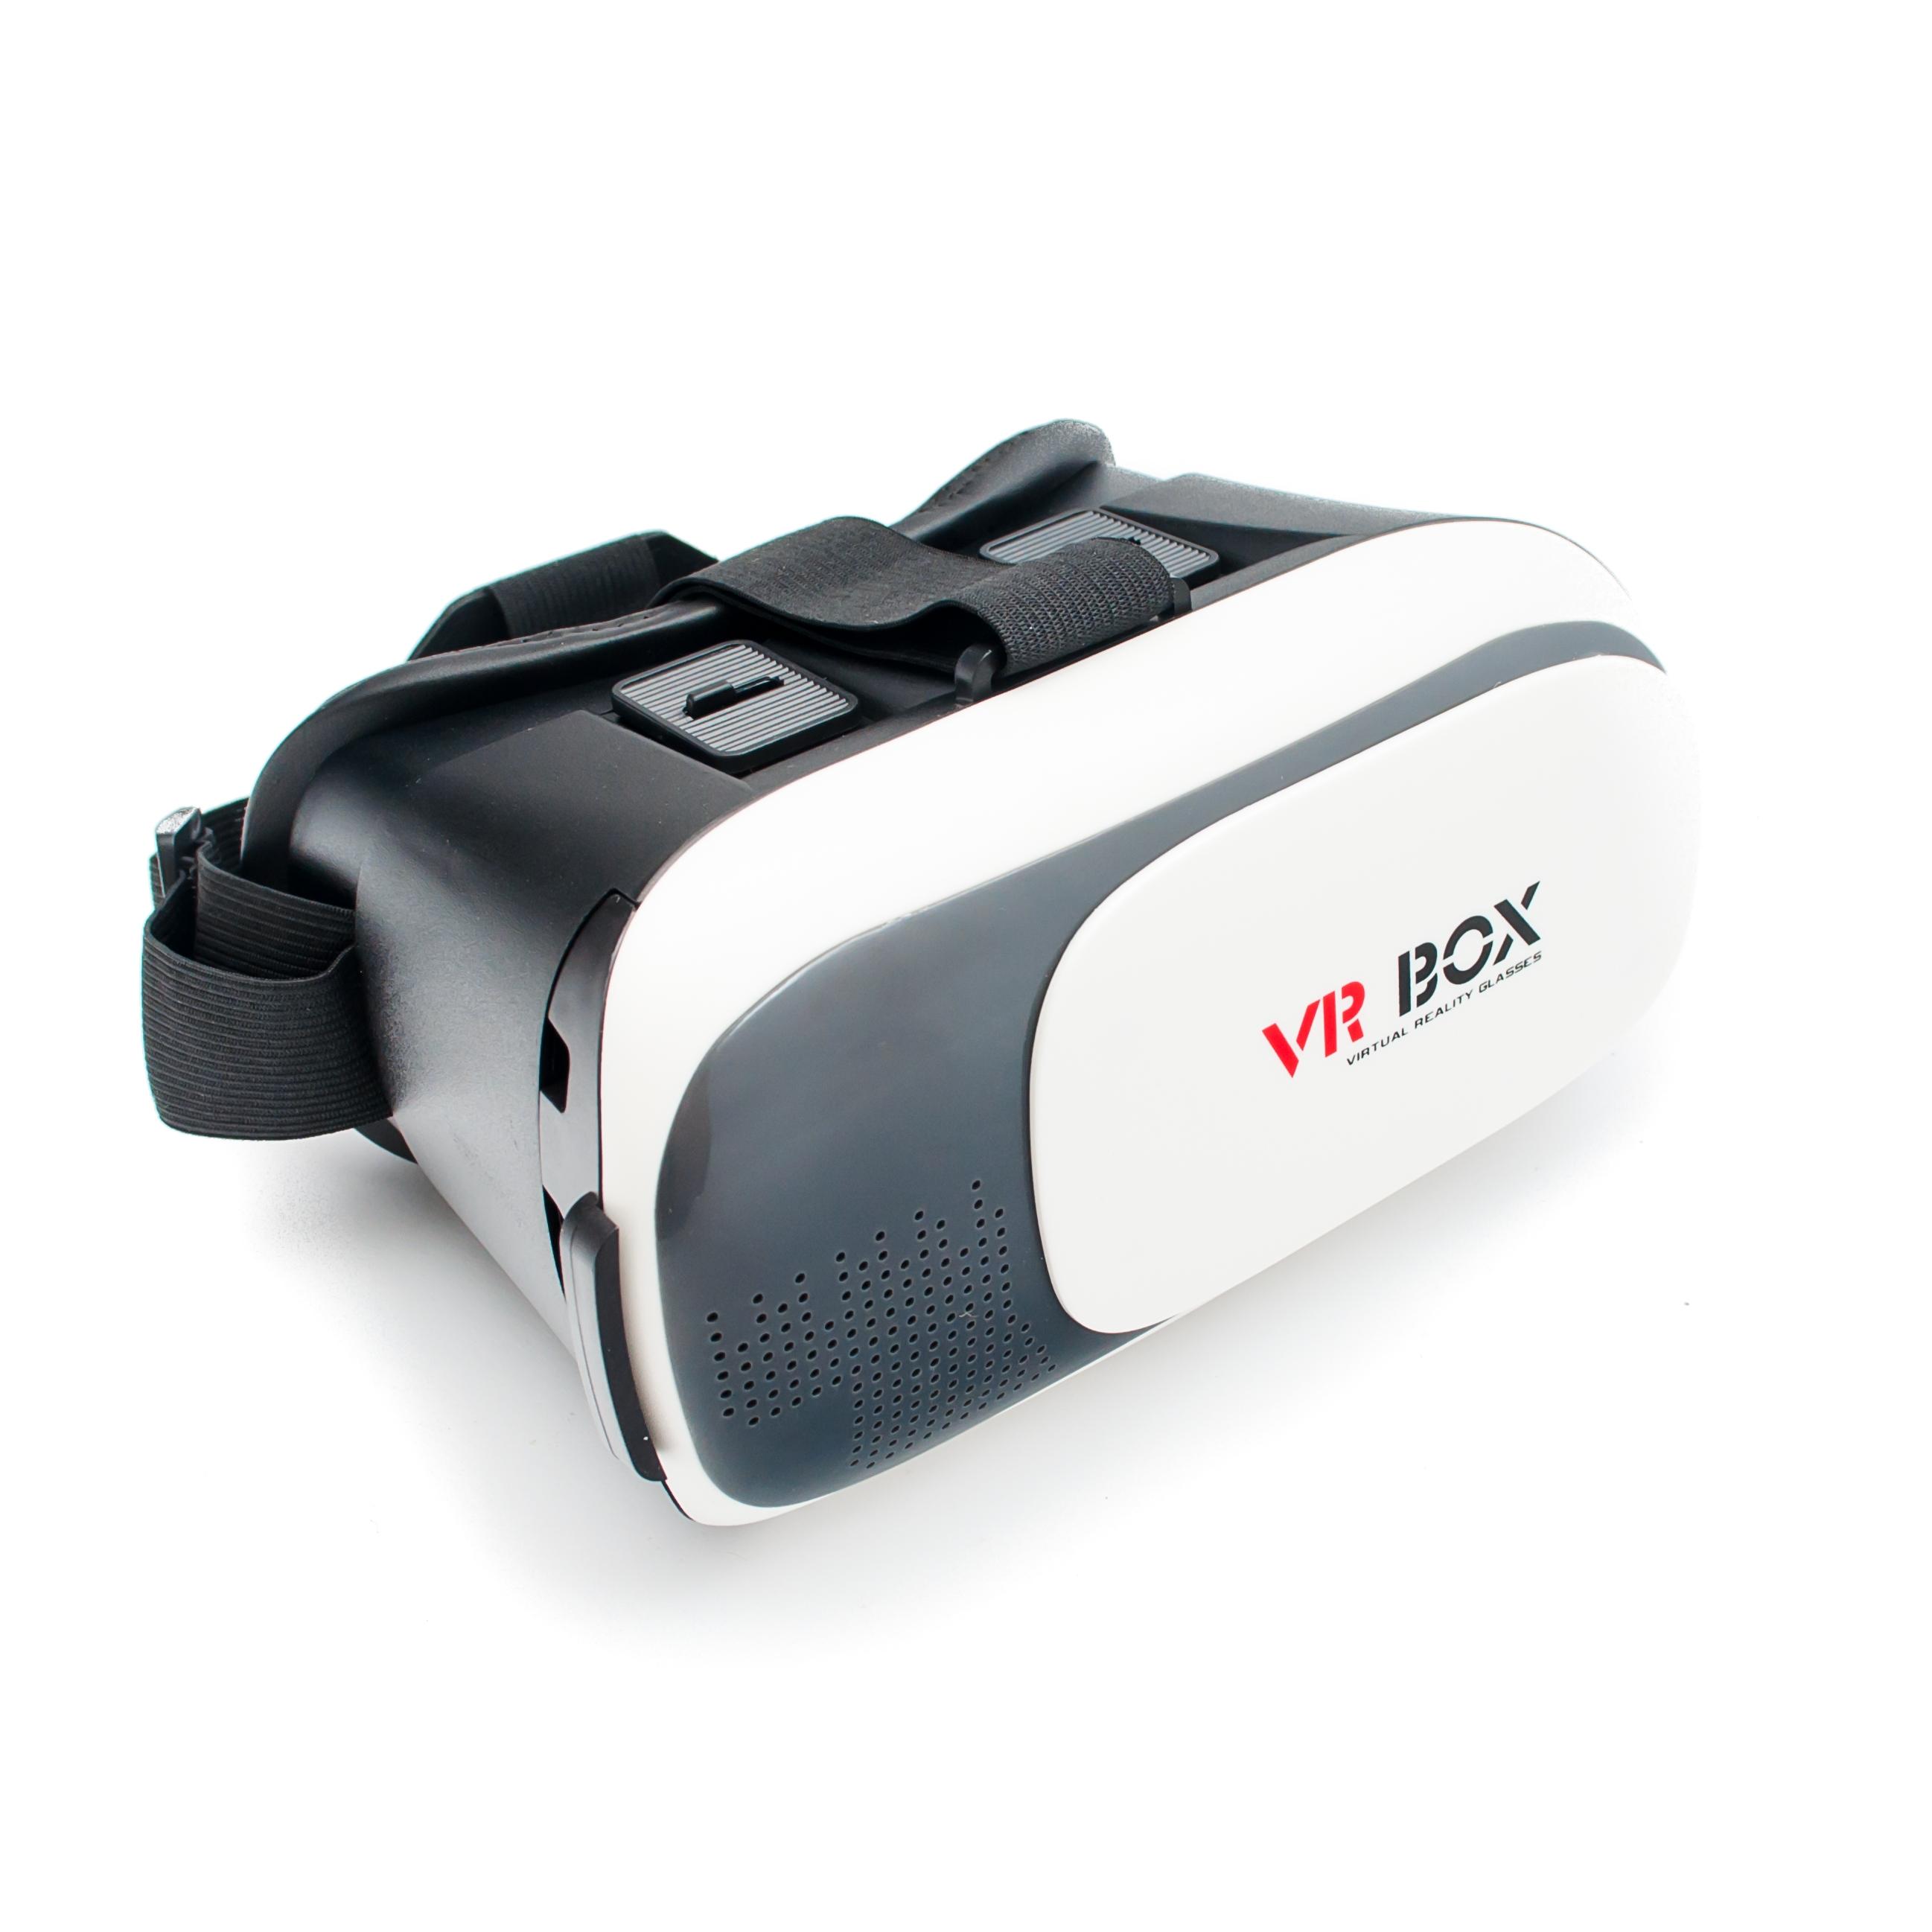 Очки виртуальной реальности VR BOX II. Описание 0c2bc9d4444a2